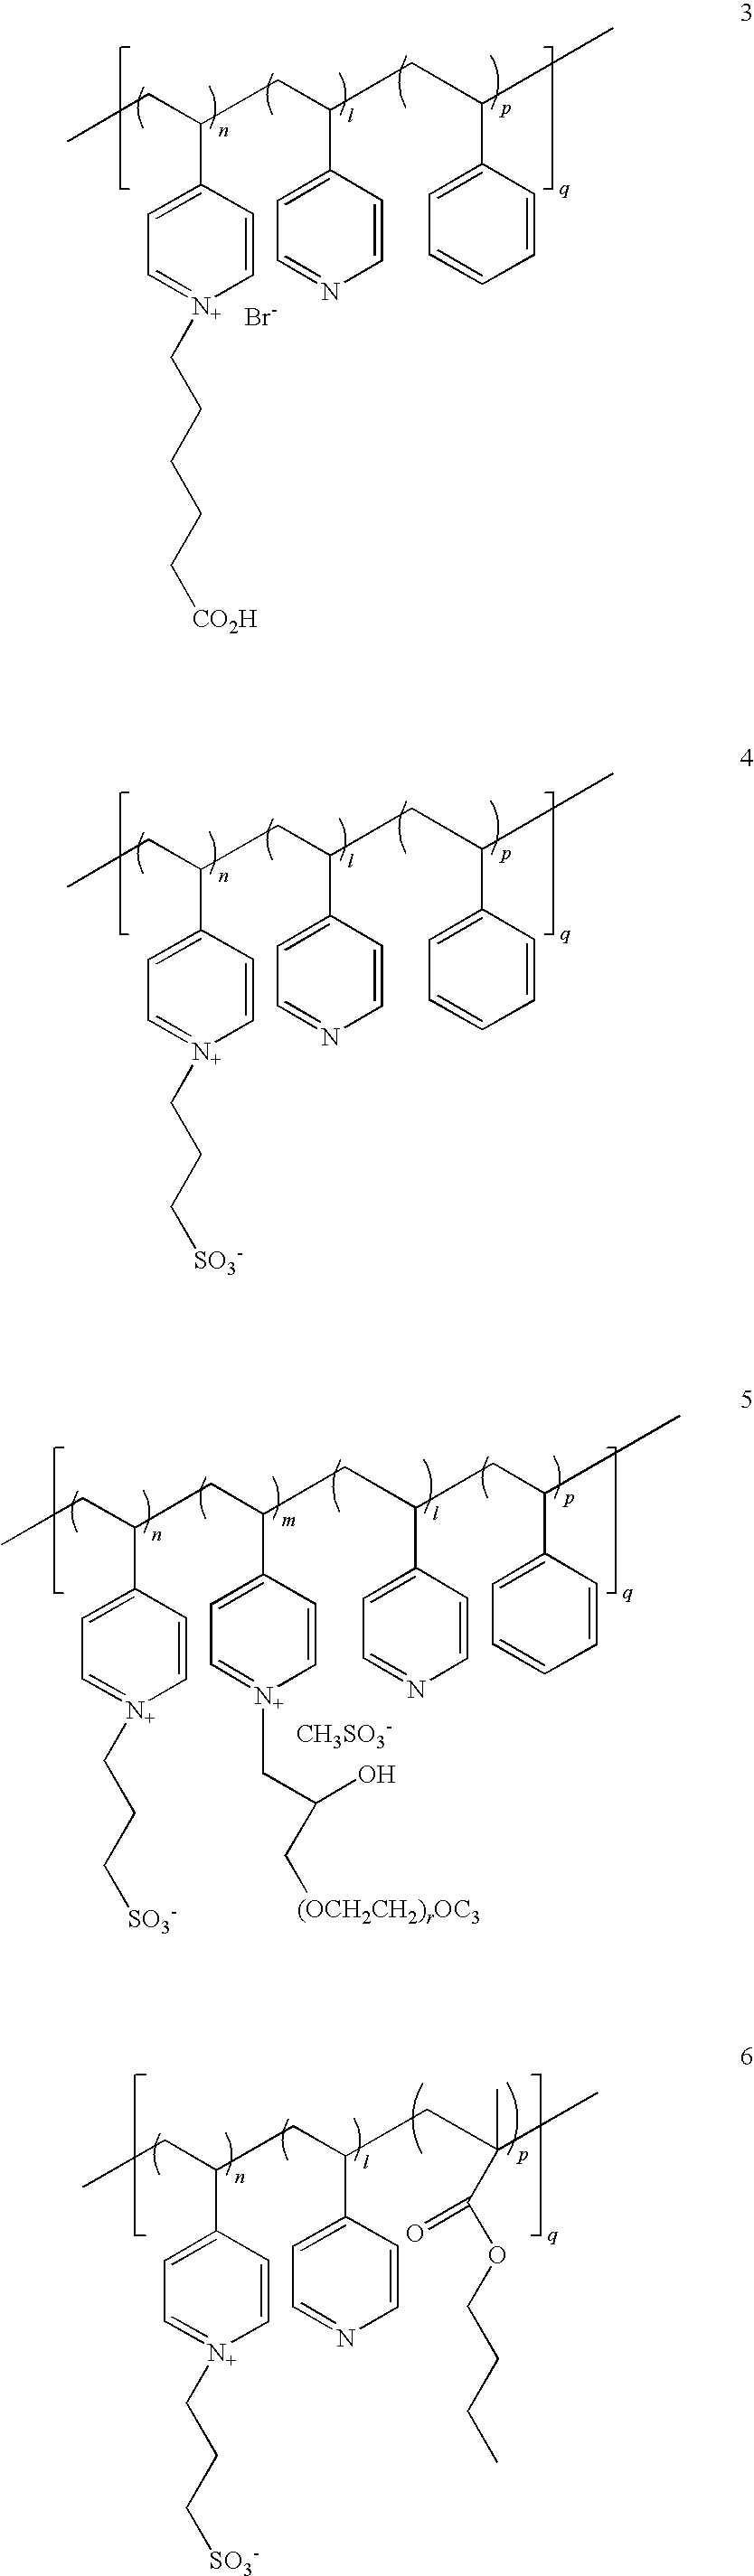 Figure US20100112613A1-20100506-C00007